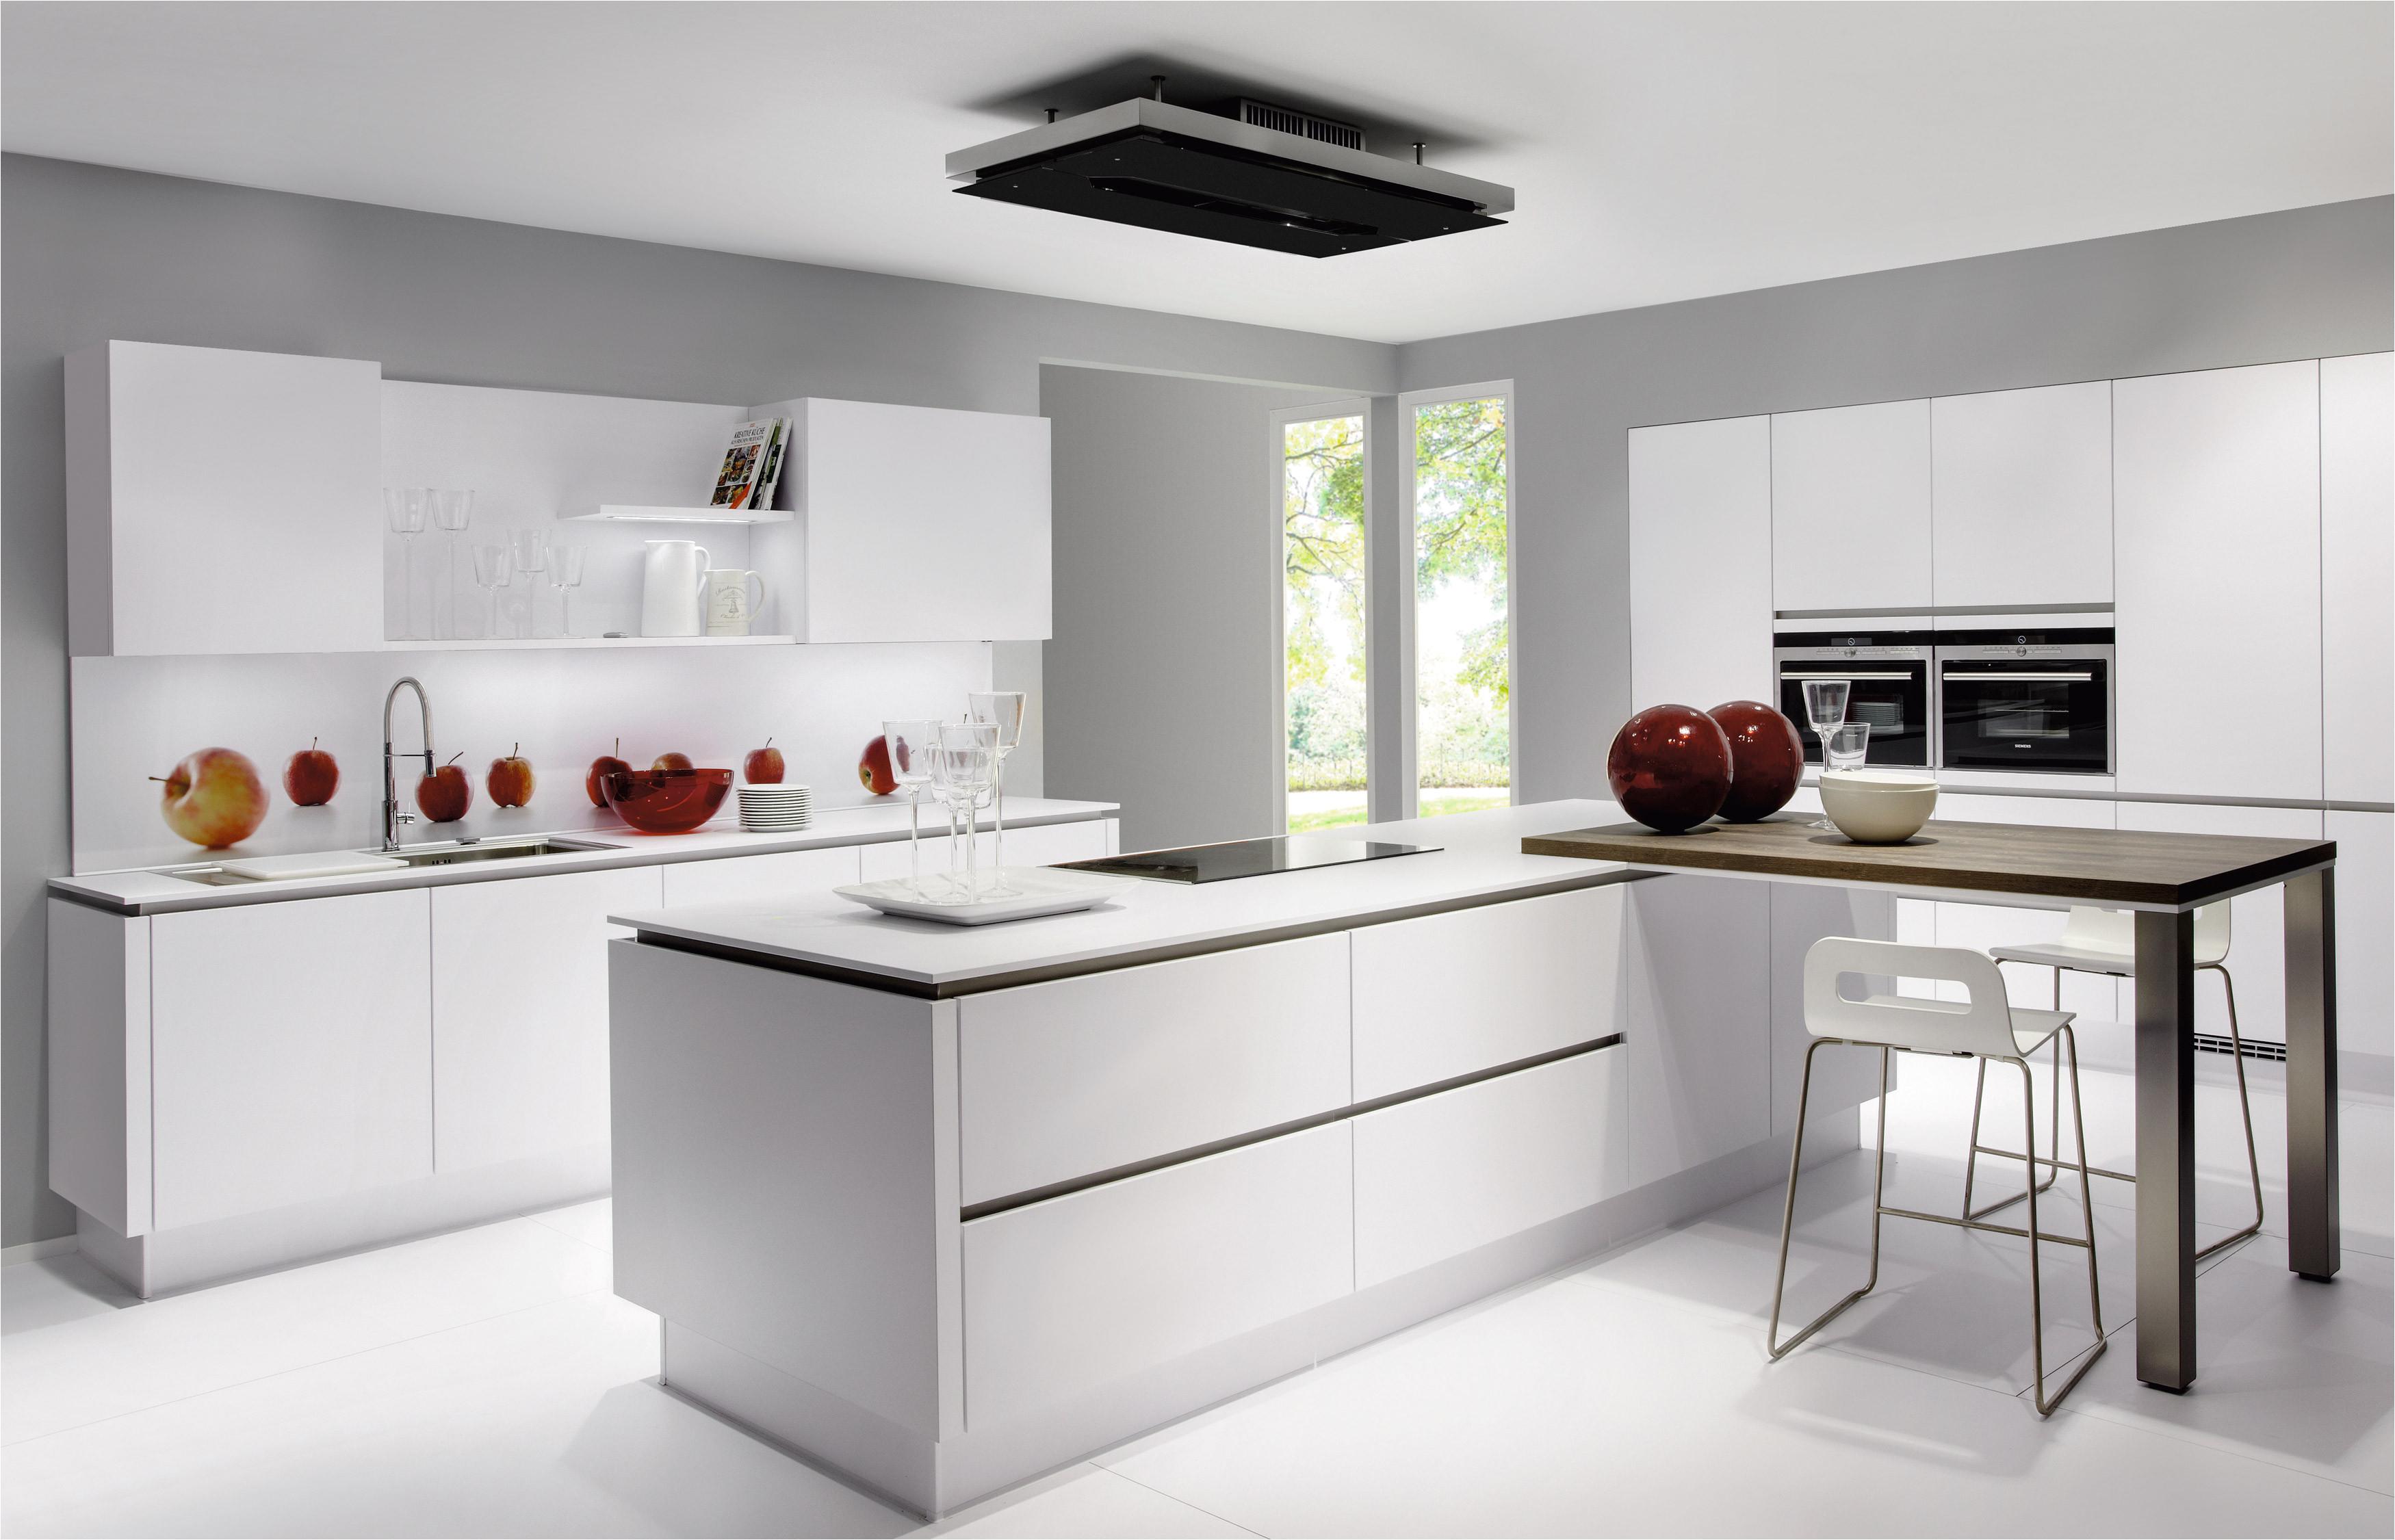 Dise os de cocinas peque as y sencillas con barra - Fotos de cocinas pequenas y modernas ...